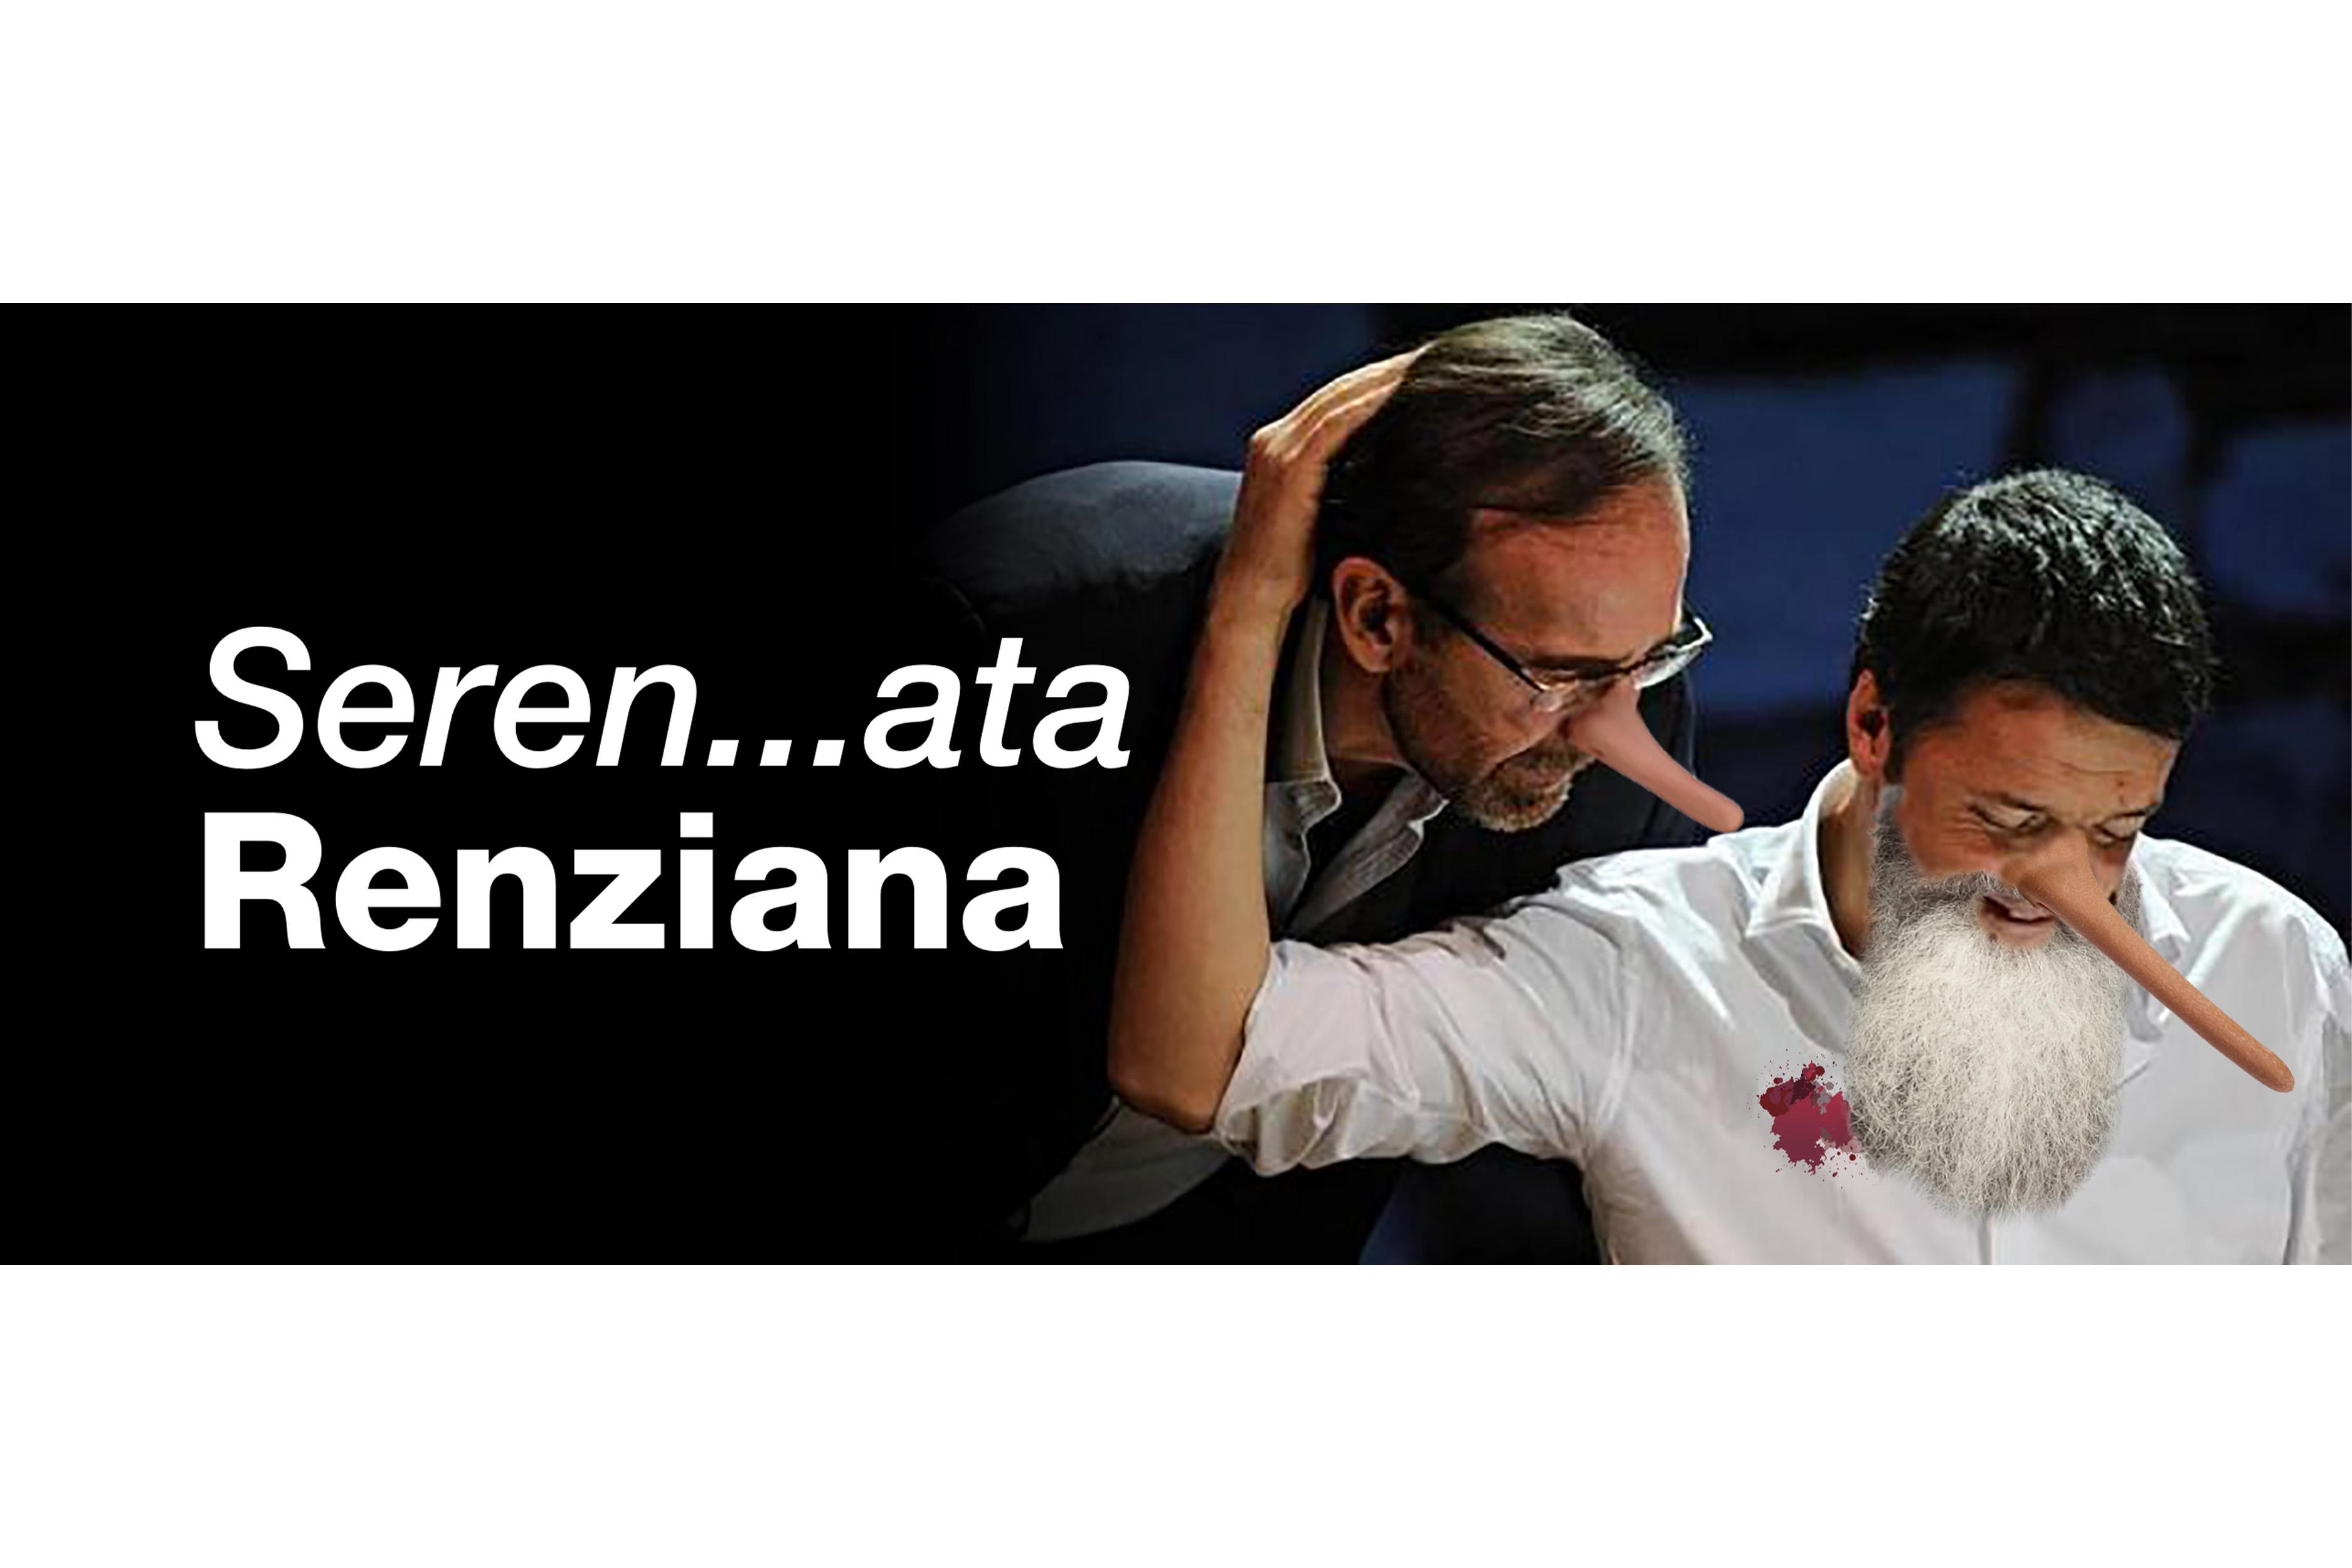 fotomontaggio, colori, Riccardo Nencini con naso da Pinocchio sbircia da sopra la spalla di Matteo Renzi, con naso da Pinocchio barba bianca e camicia macchiata di rosso, che lo abbraccia, entrambi con naso lungo da Pinocchio, scritta: Seren...ata Renziana